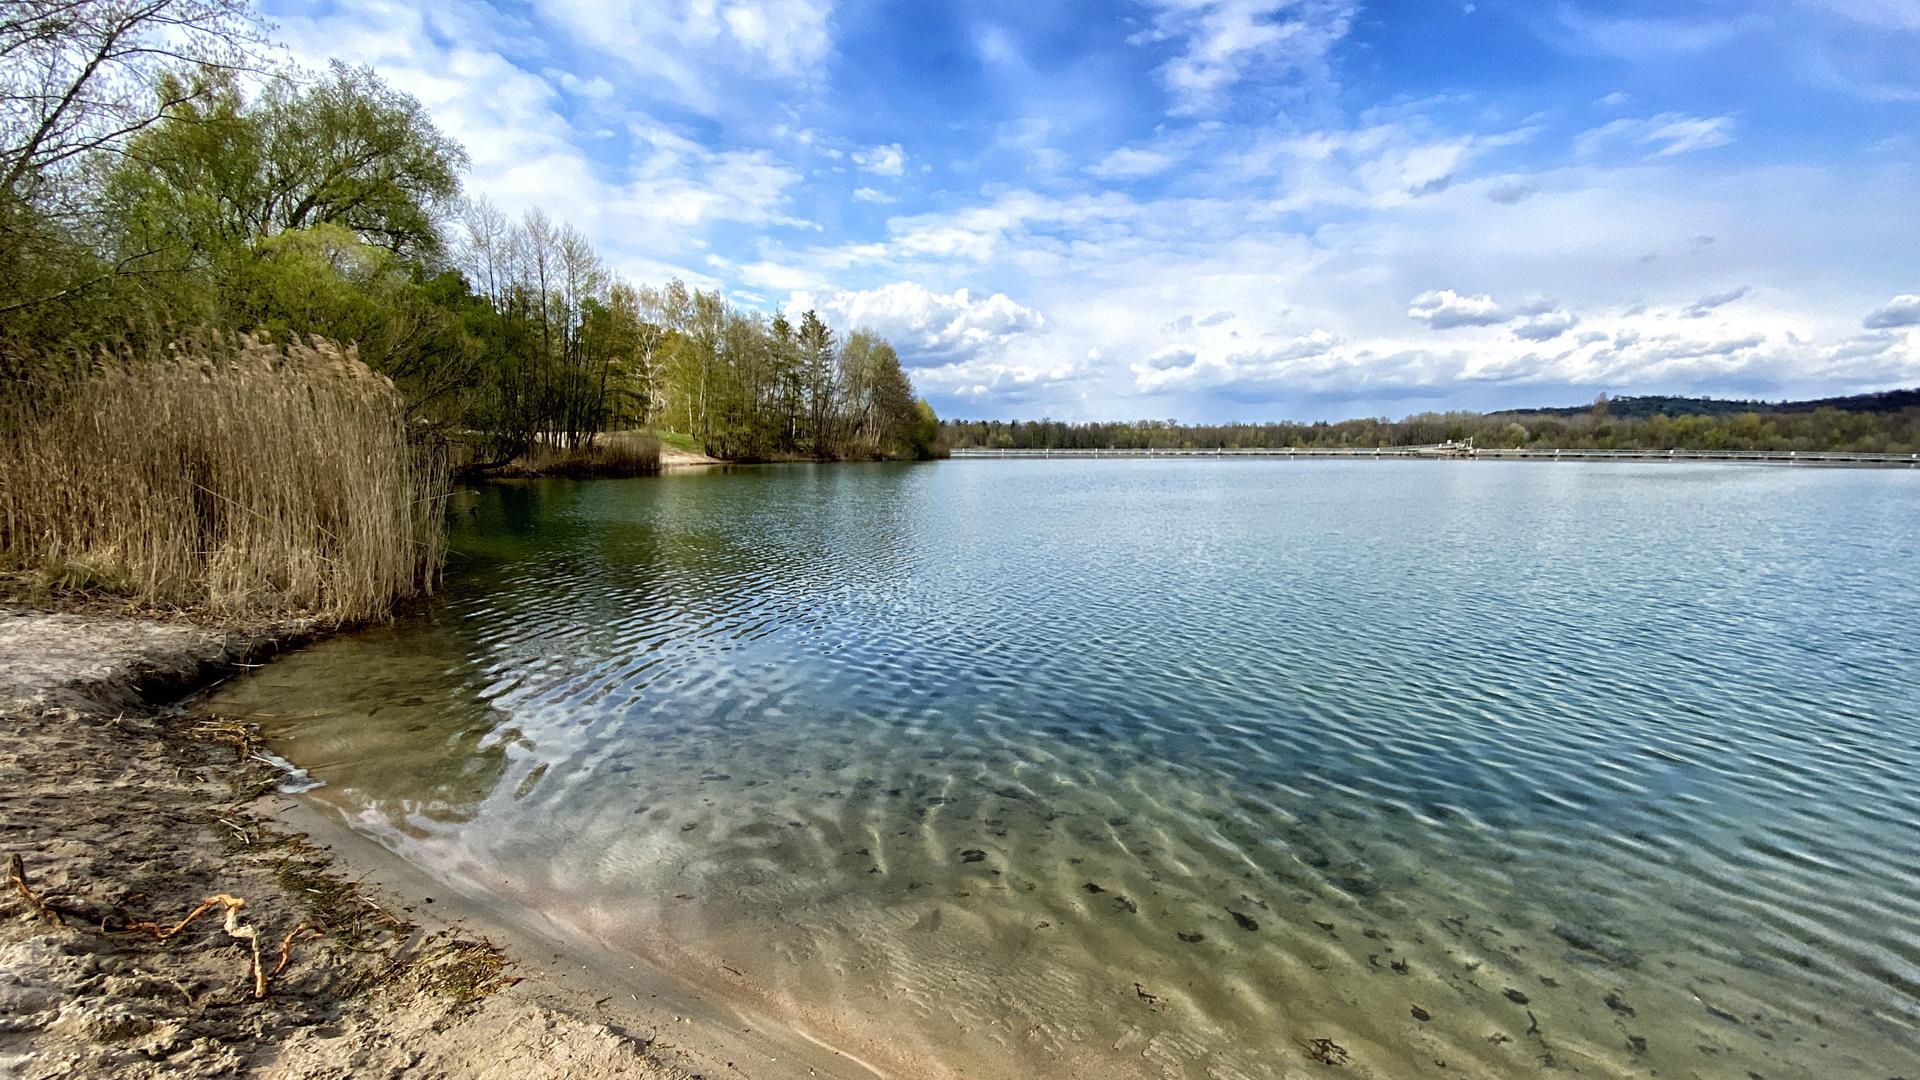 Blick auf den Baggersee in Weingarten, darüber blauer Himmel.